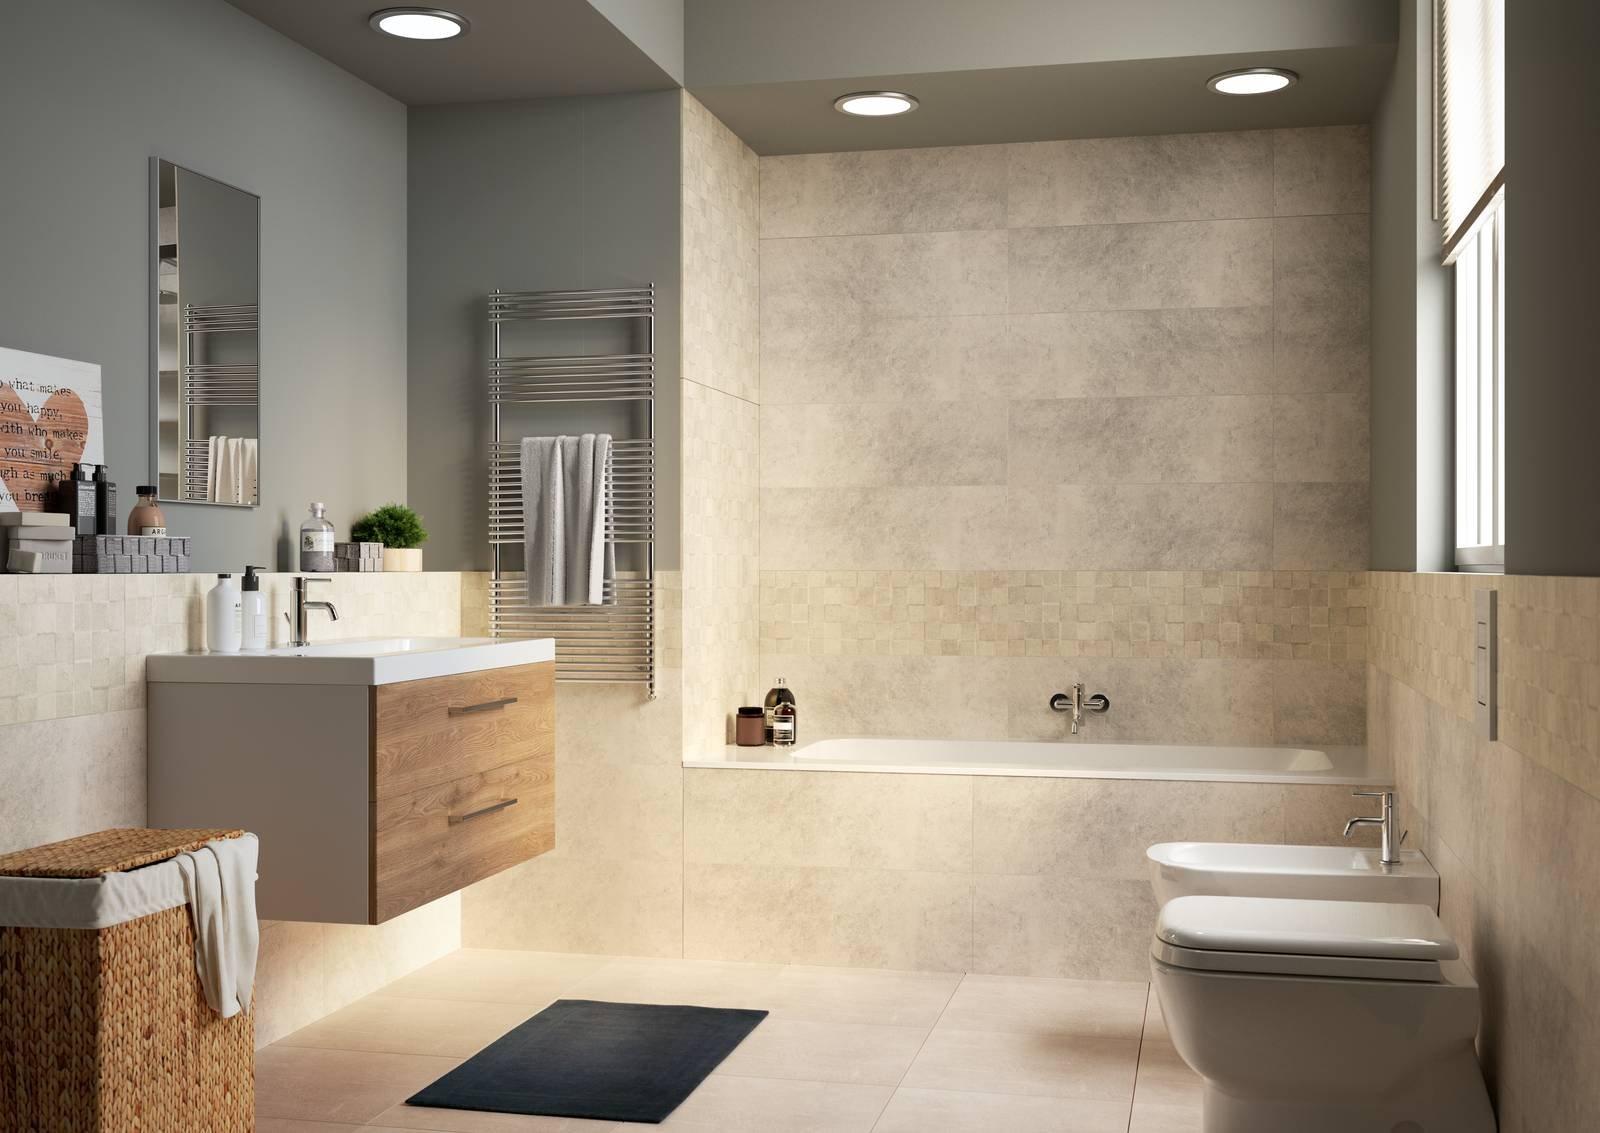 Da vasca a doccia un bagno nuovo su misura cose di casa - Da vasca da bagno a doccia ...